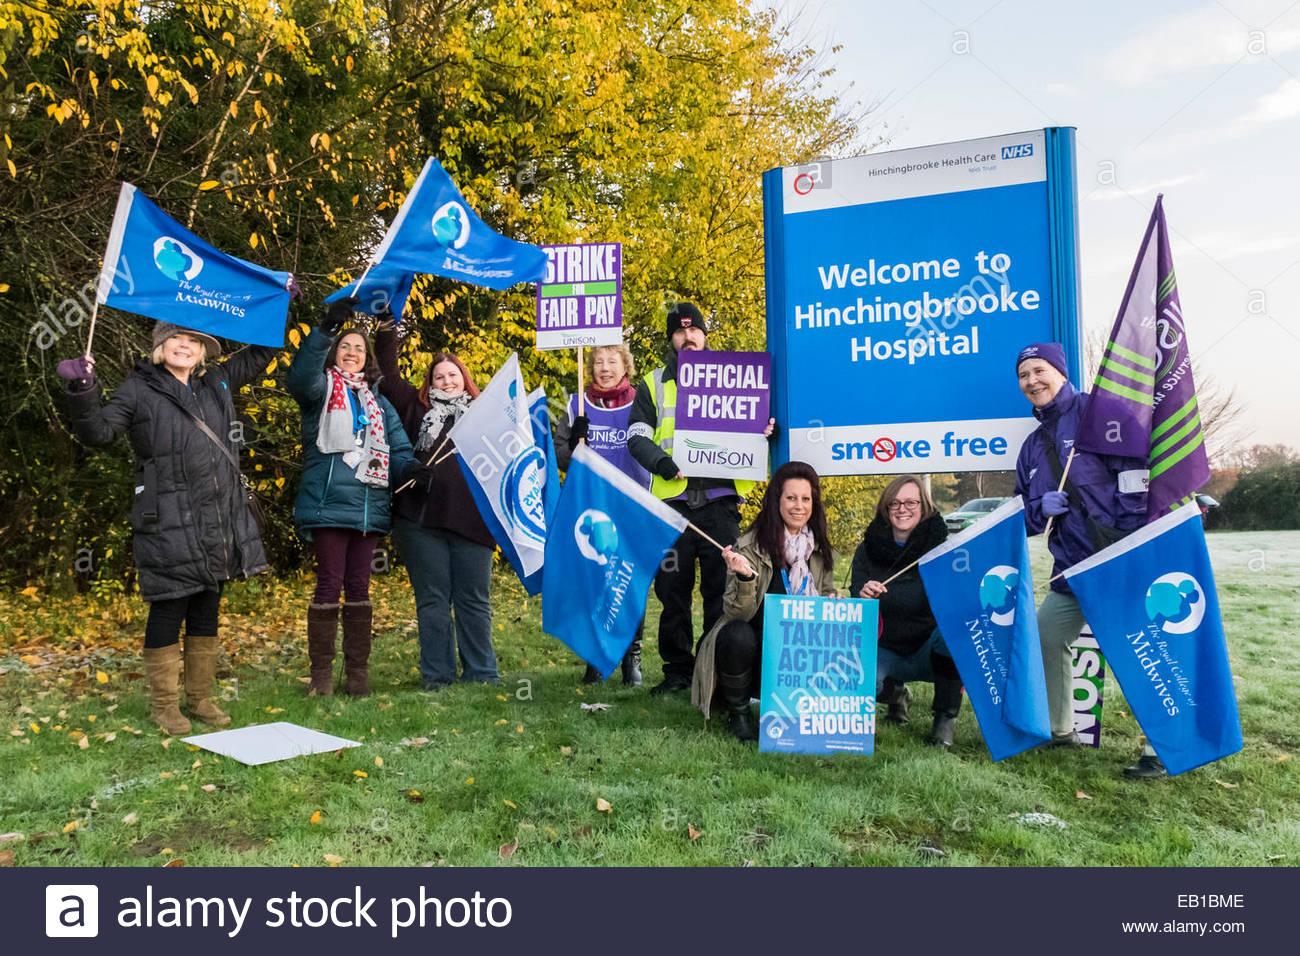 Huntingdon, UK. 24th November, 2014. NHS Workers at a picket line outside Hinchingbrooke Hospital, Huntingdon, England, - Stock Image